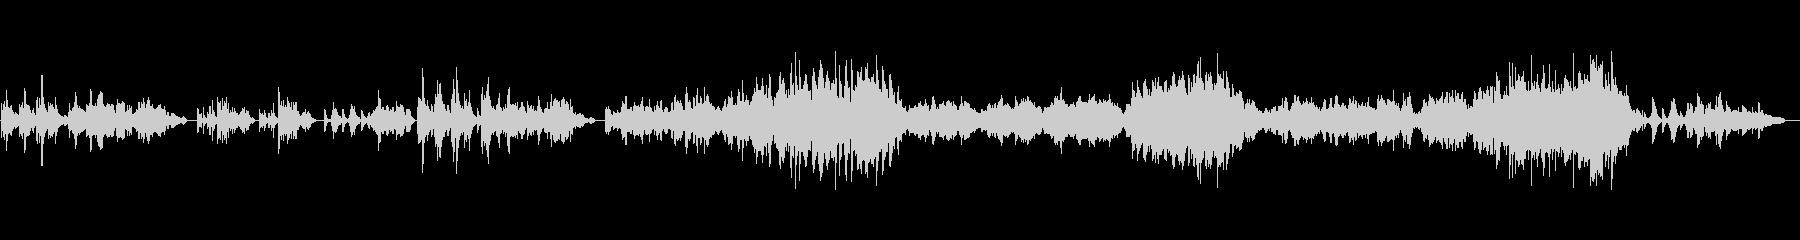 【生演奏】カッコいいバイオリンソナタ3章の未再生の波形